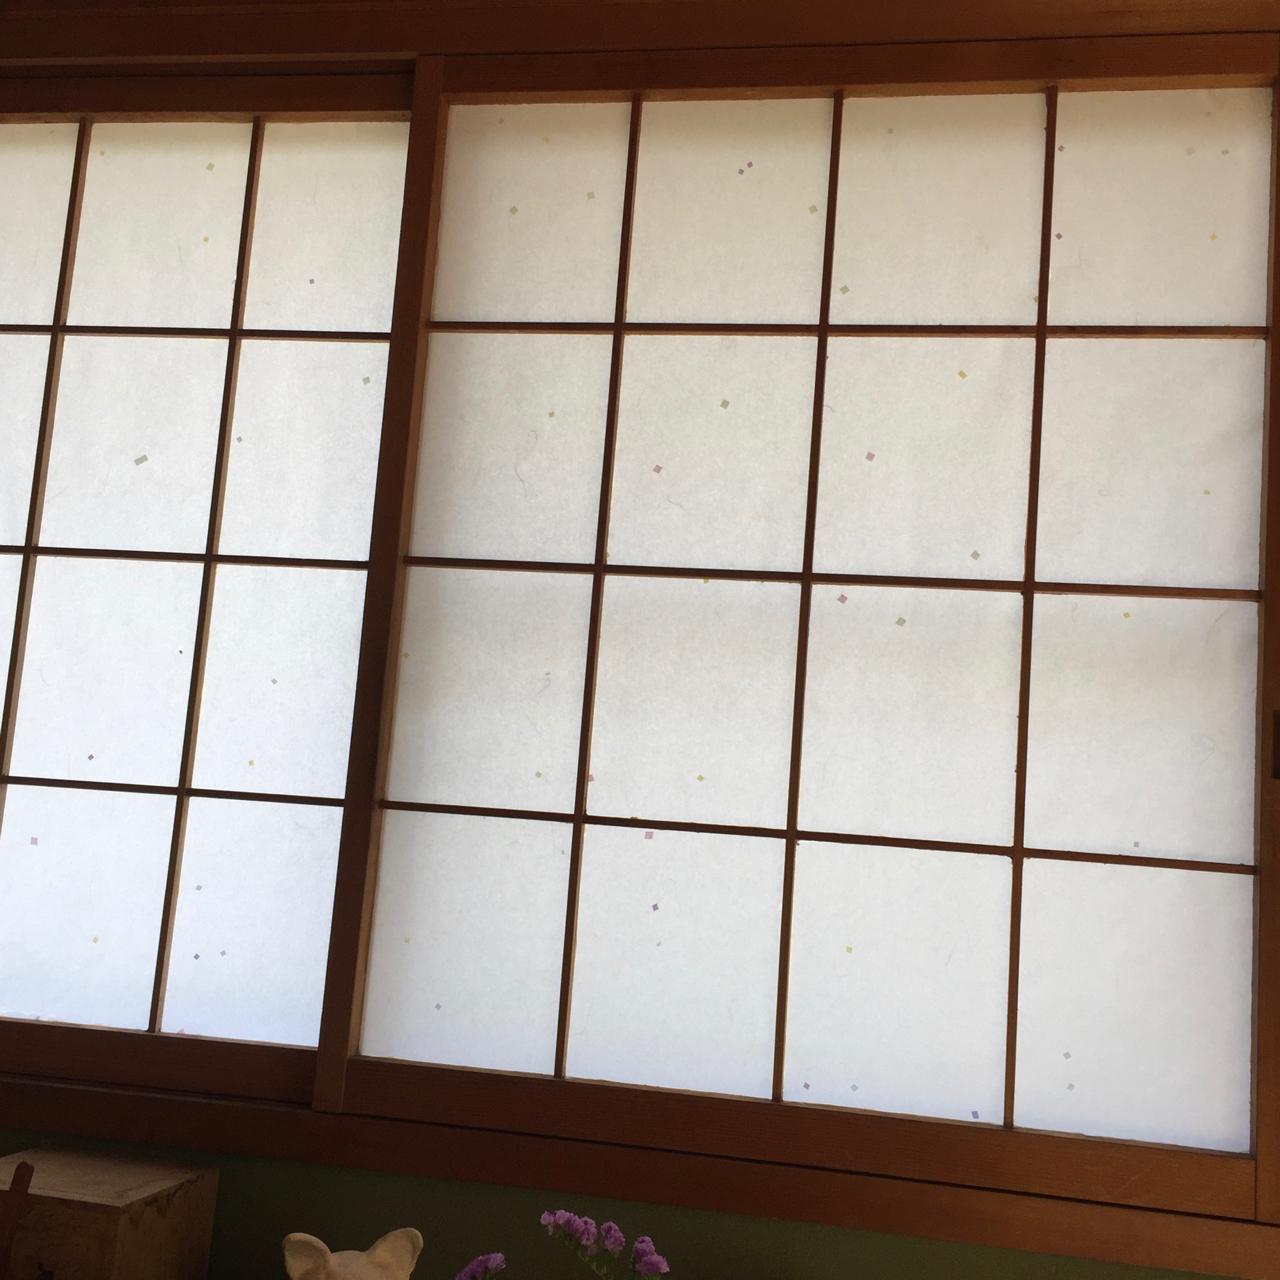 syouji_20190421.jpg